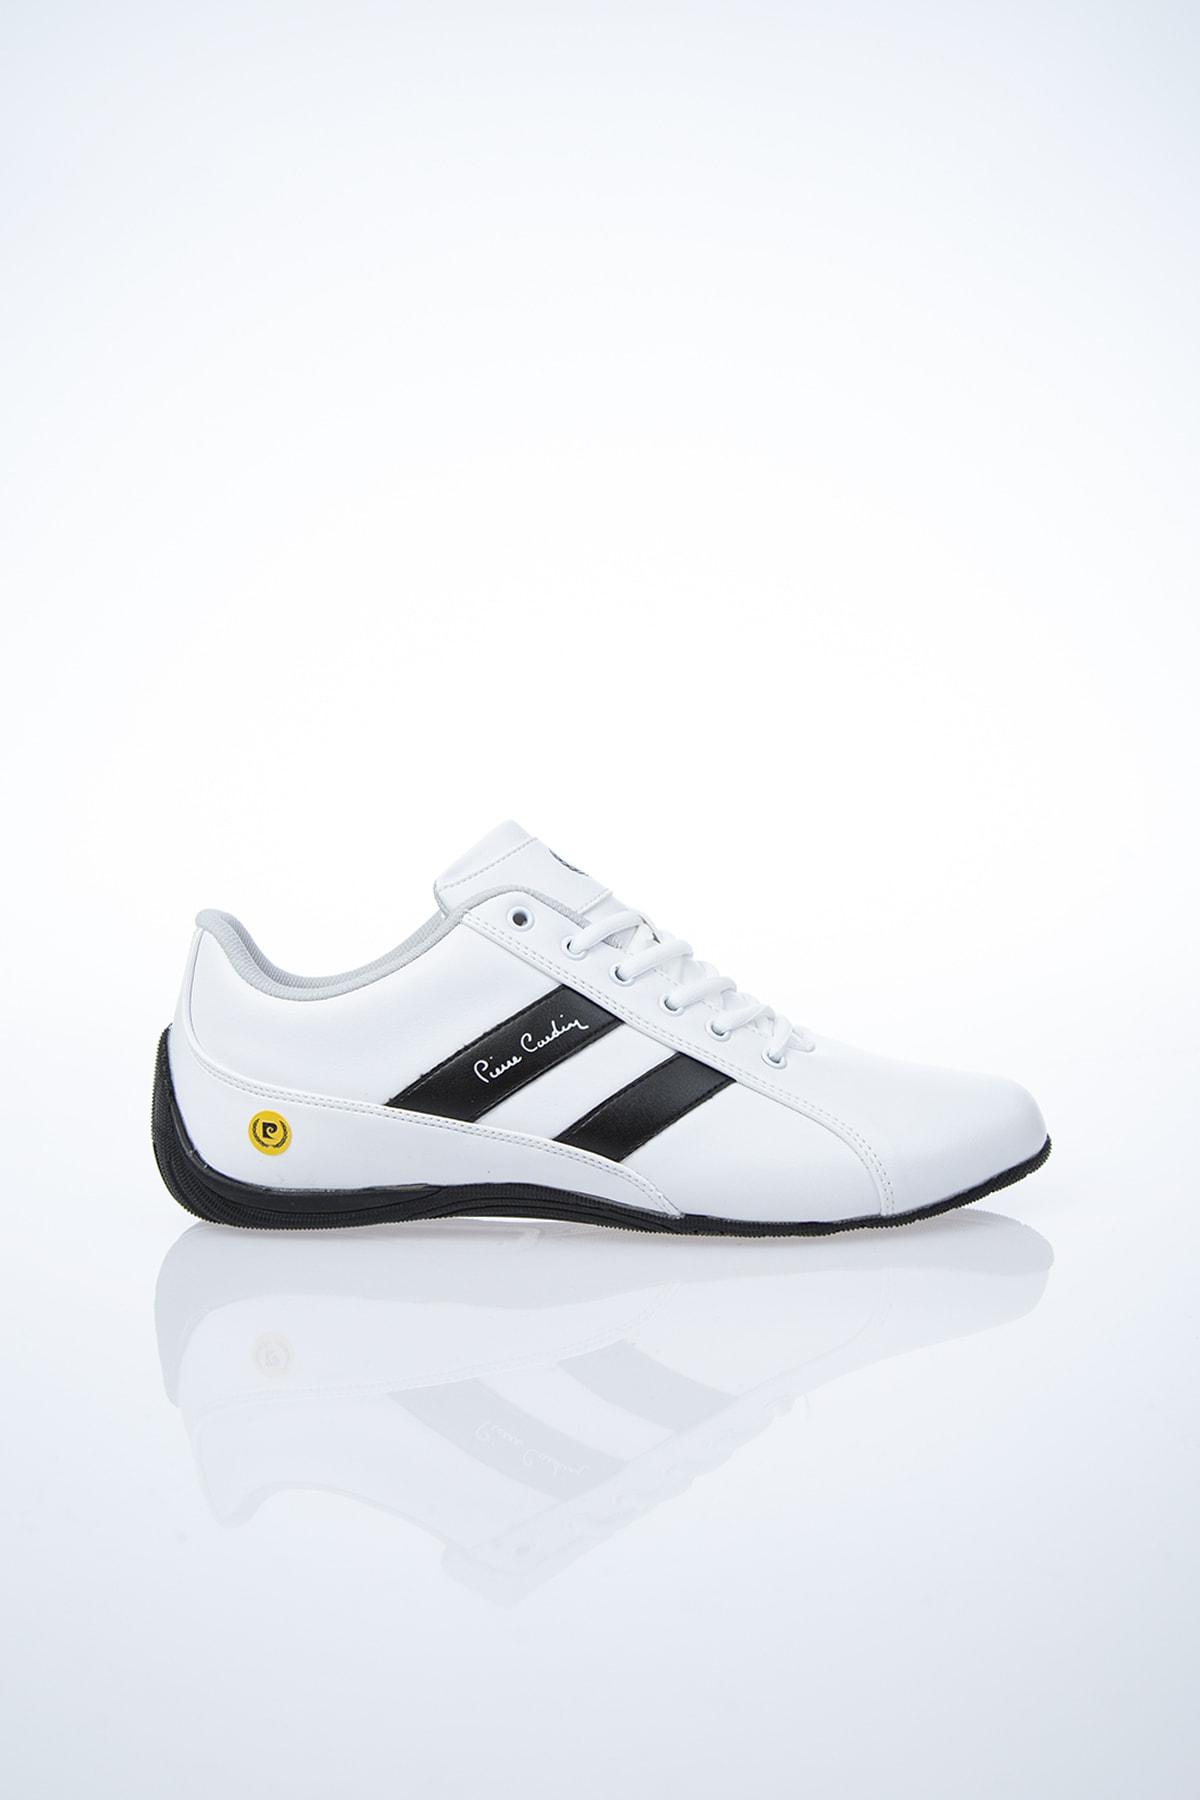 Pierre Cardin Erkek Beyaz Sneaker Pc-30490 - 3319-19 1